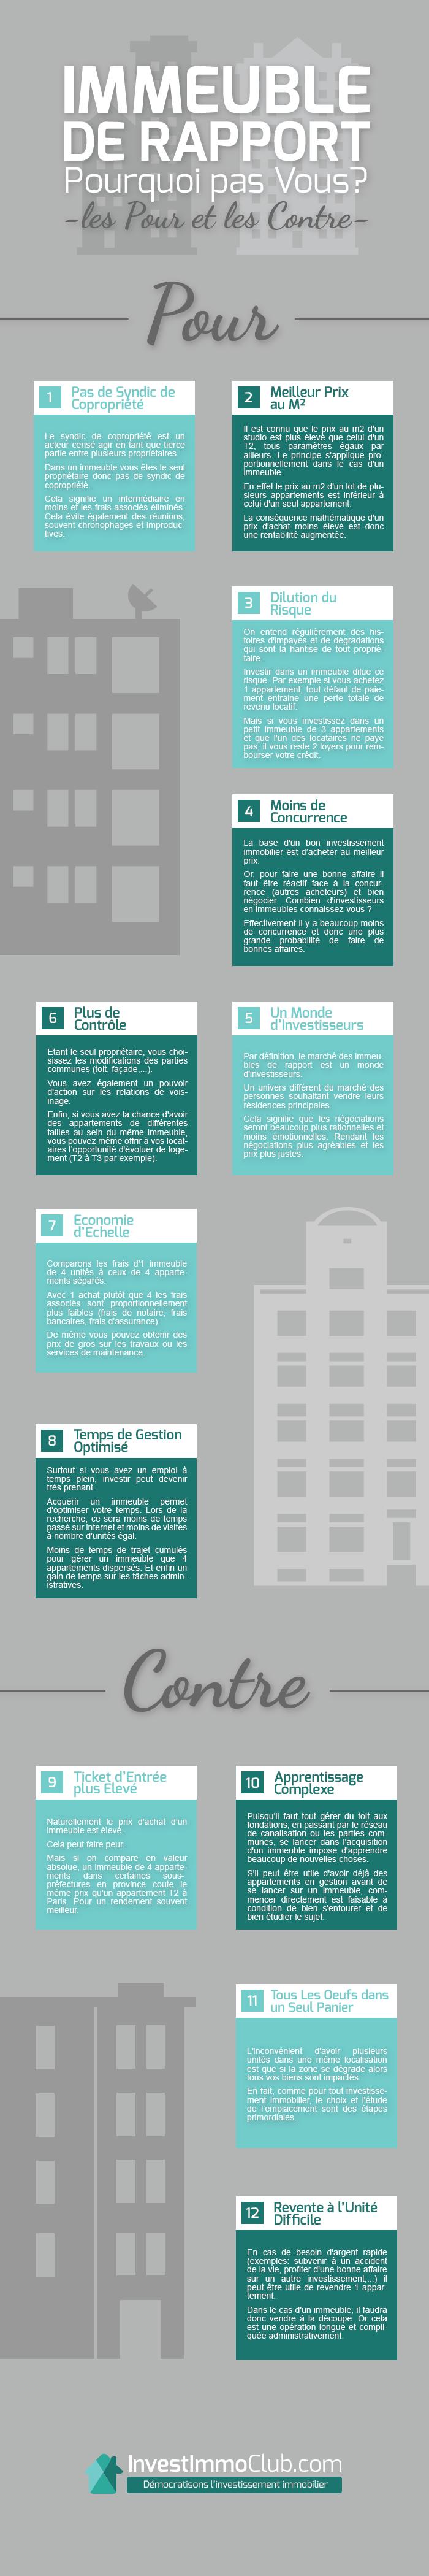 InvestImmoClub-Infographie-ImmeubleDeRapport